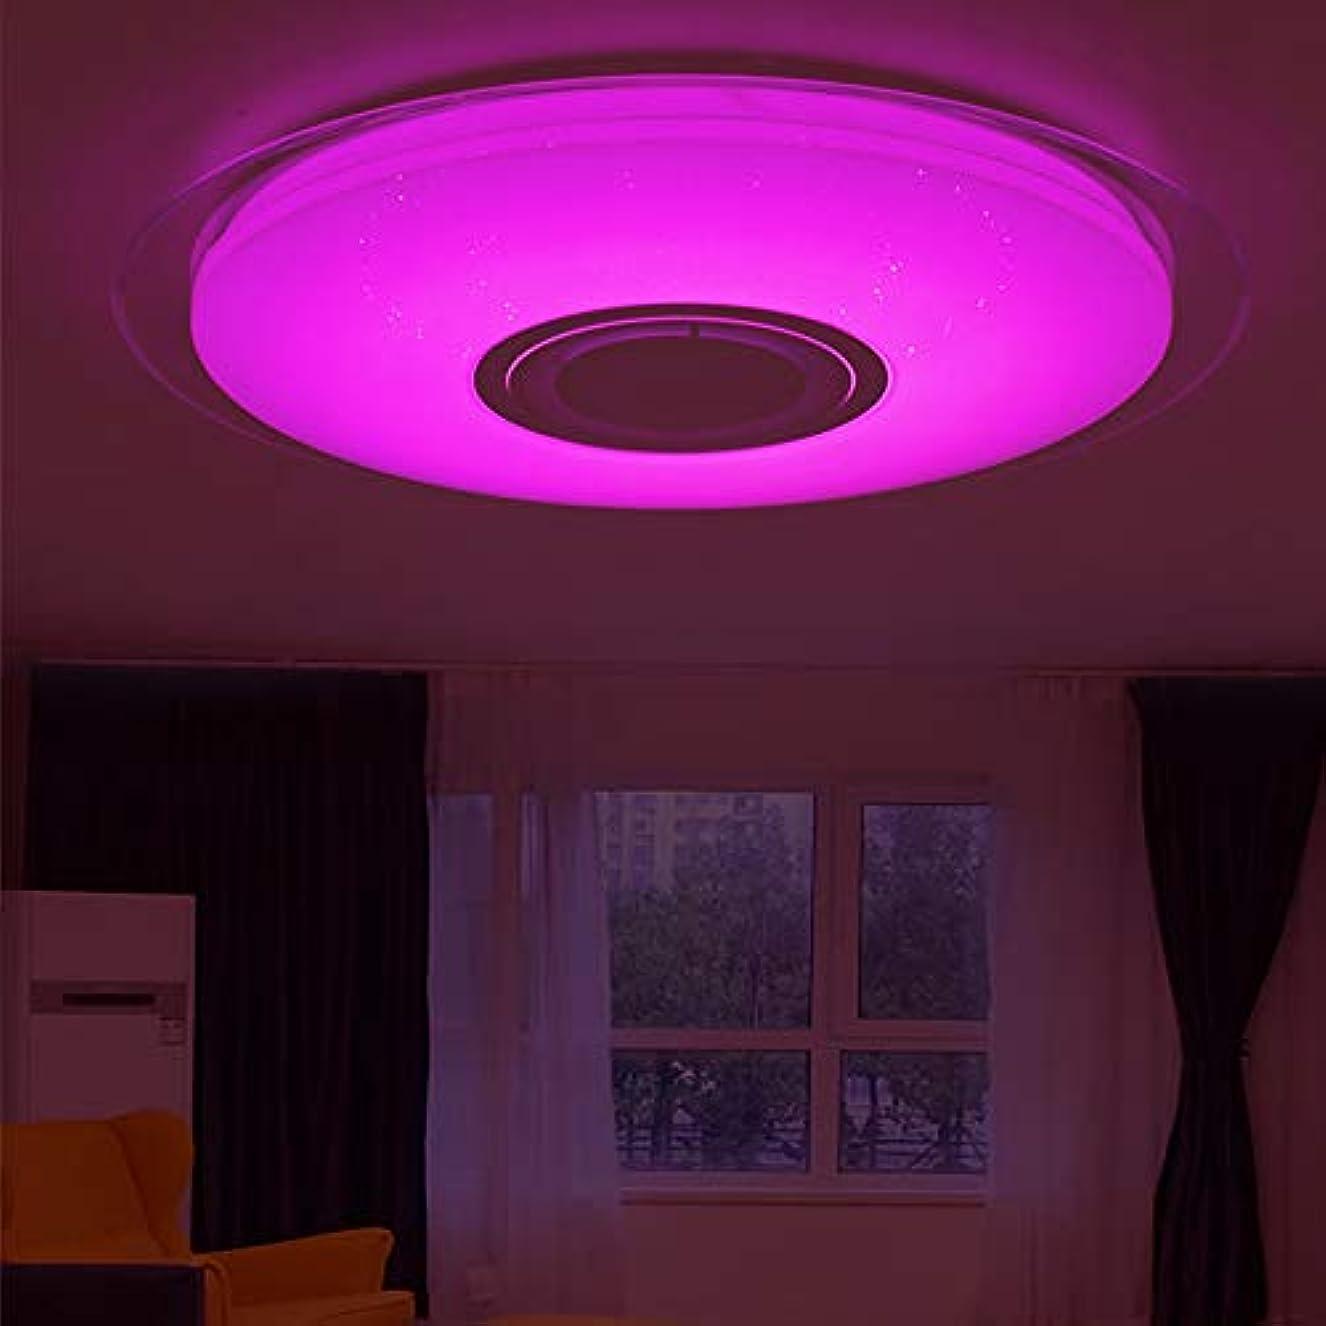 相対性理論高く意味のあるリモコンとAPP制御付きLEDシーリングライト調光可能3000K?6500K、Bluetooth音楽付きRGBで1600万色リビングルーム、ベッドルーム、子供部屋、36W